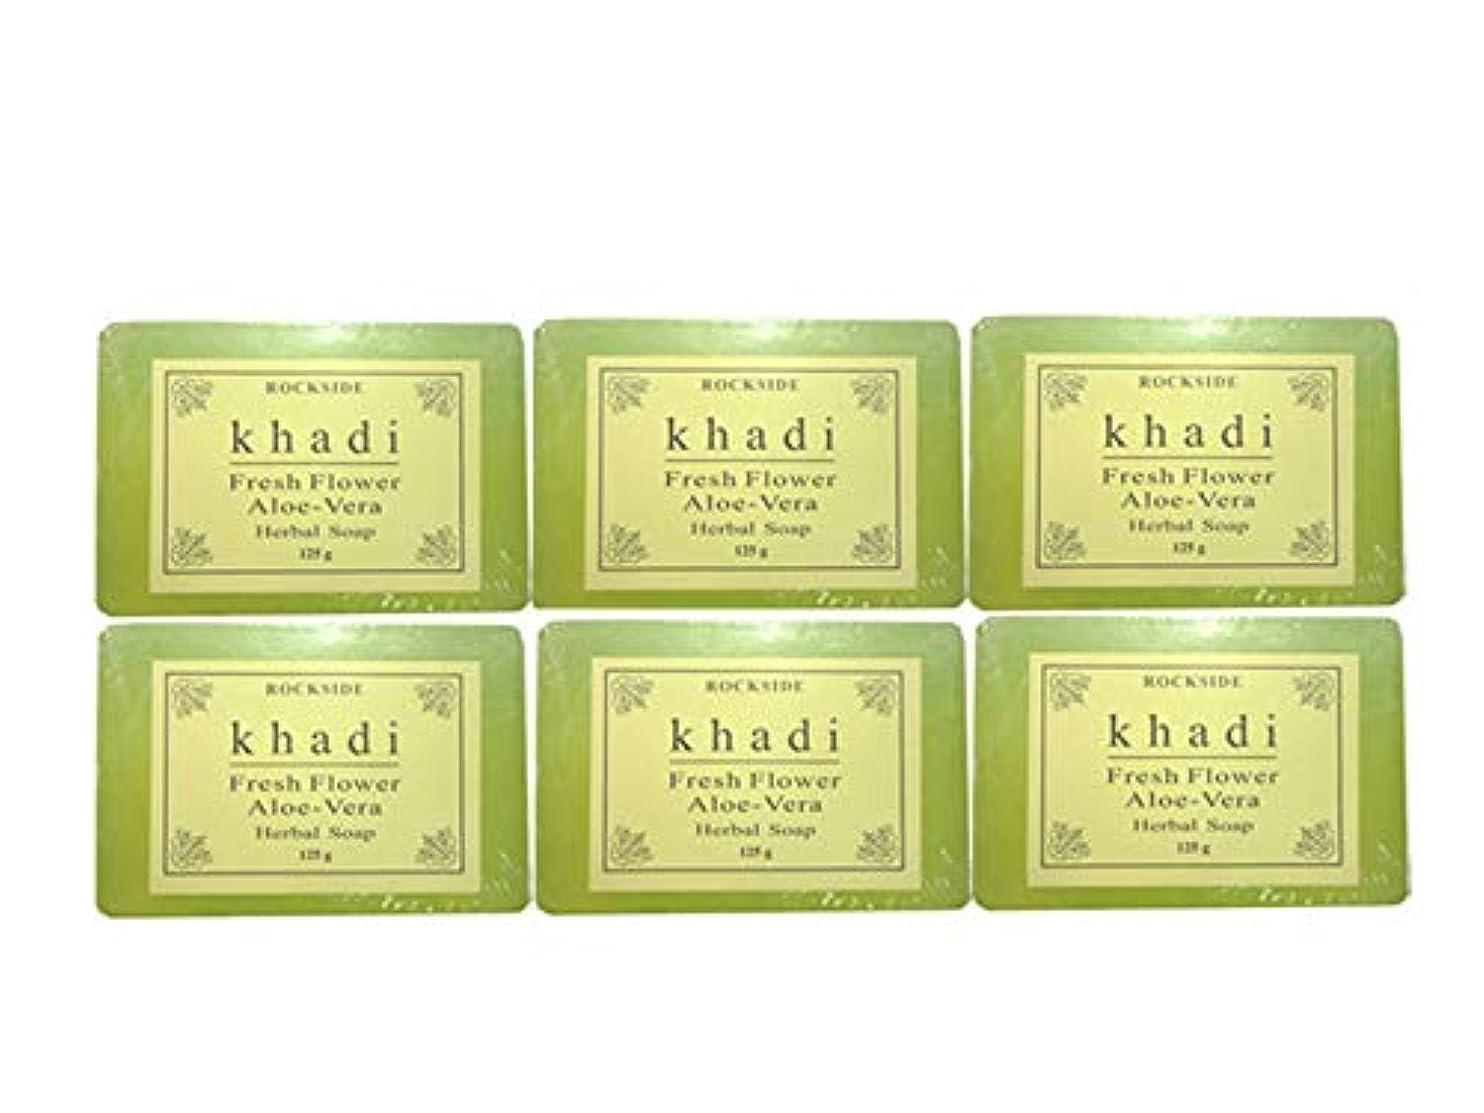 古代破裂うそつき手作り カーディ フレッシュフラワー2 ハーバルソープ Khadi Fresh Flower Aloe-Vera Herbal Soap 6個SET